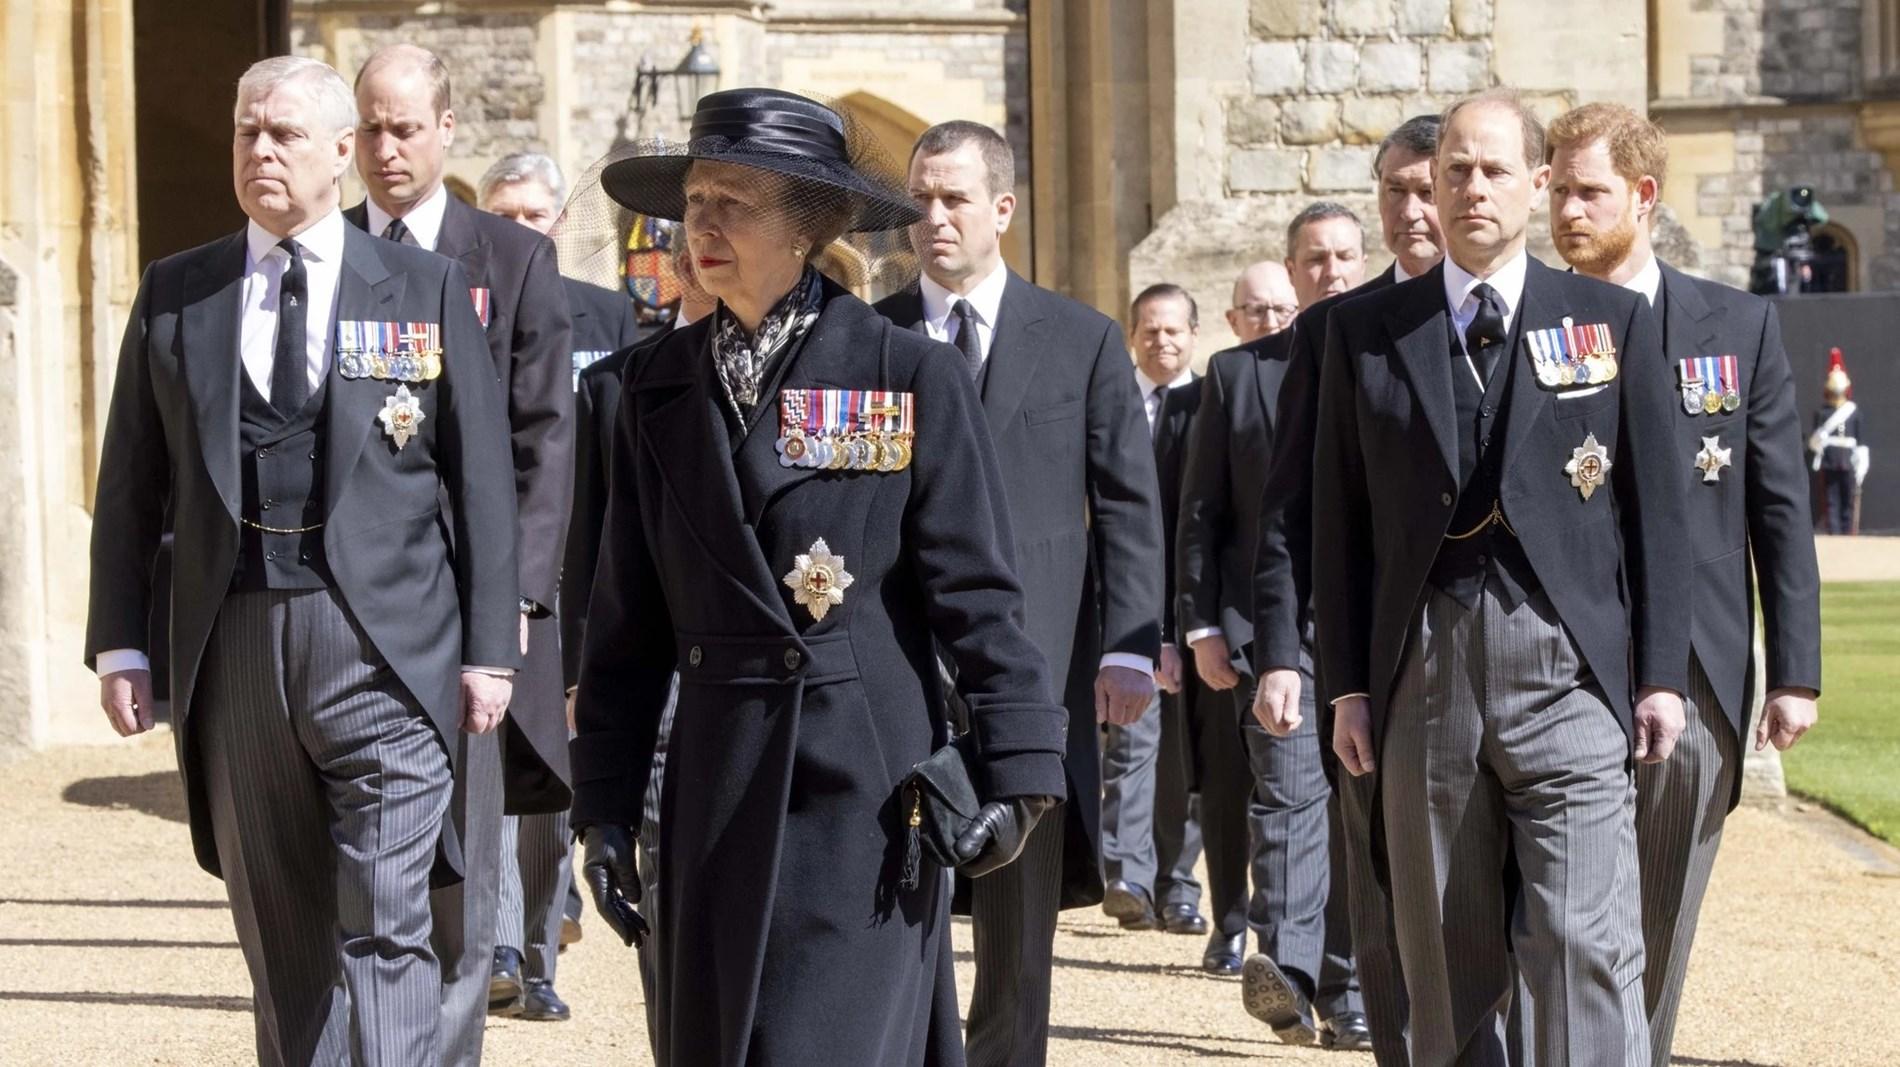 بعد وفاة الأمير فيليب.. كيف ستُقسم ثروته وما مصير أفراد العائلة المالكة؟